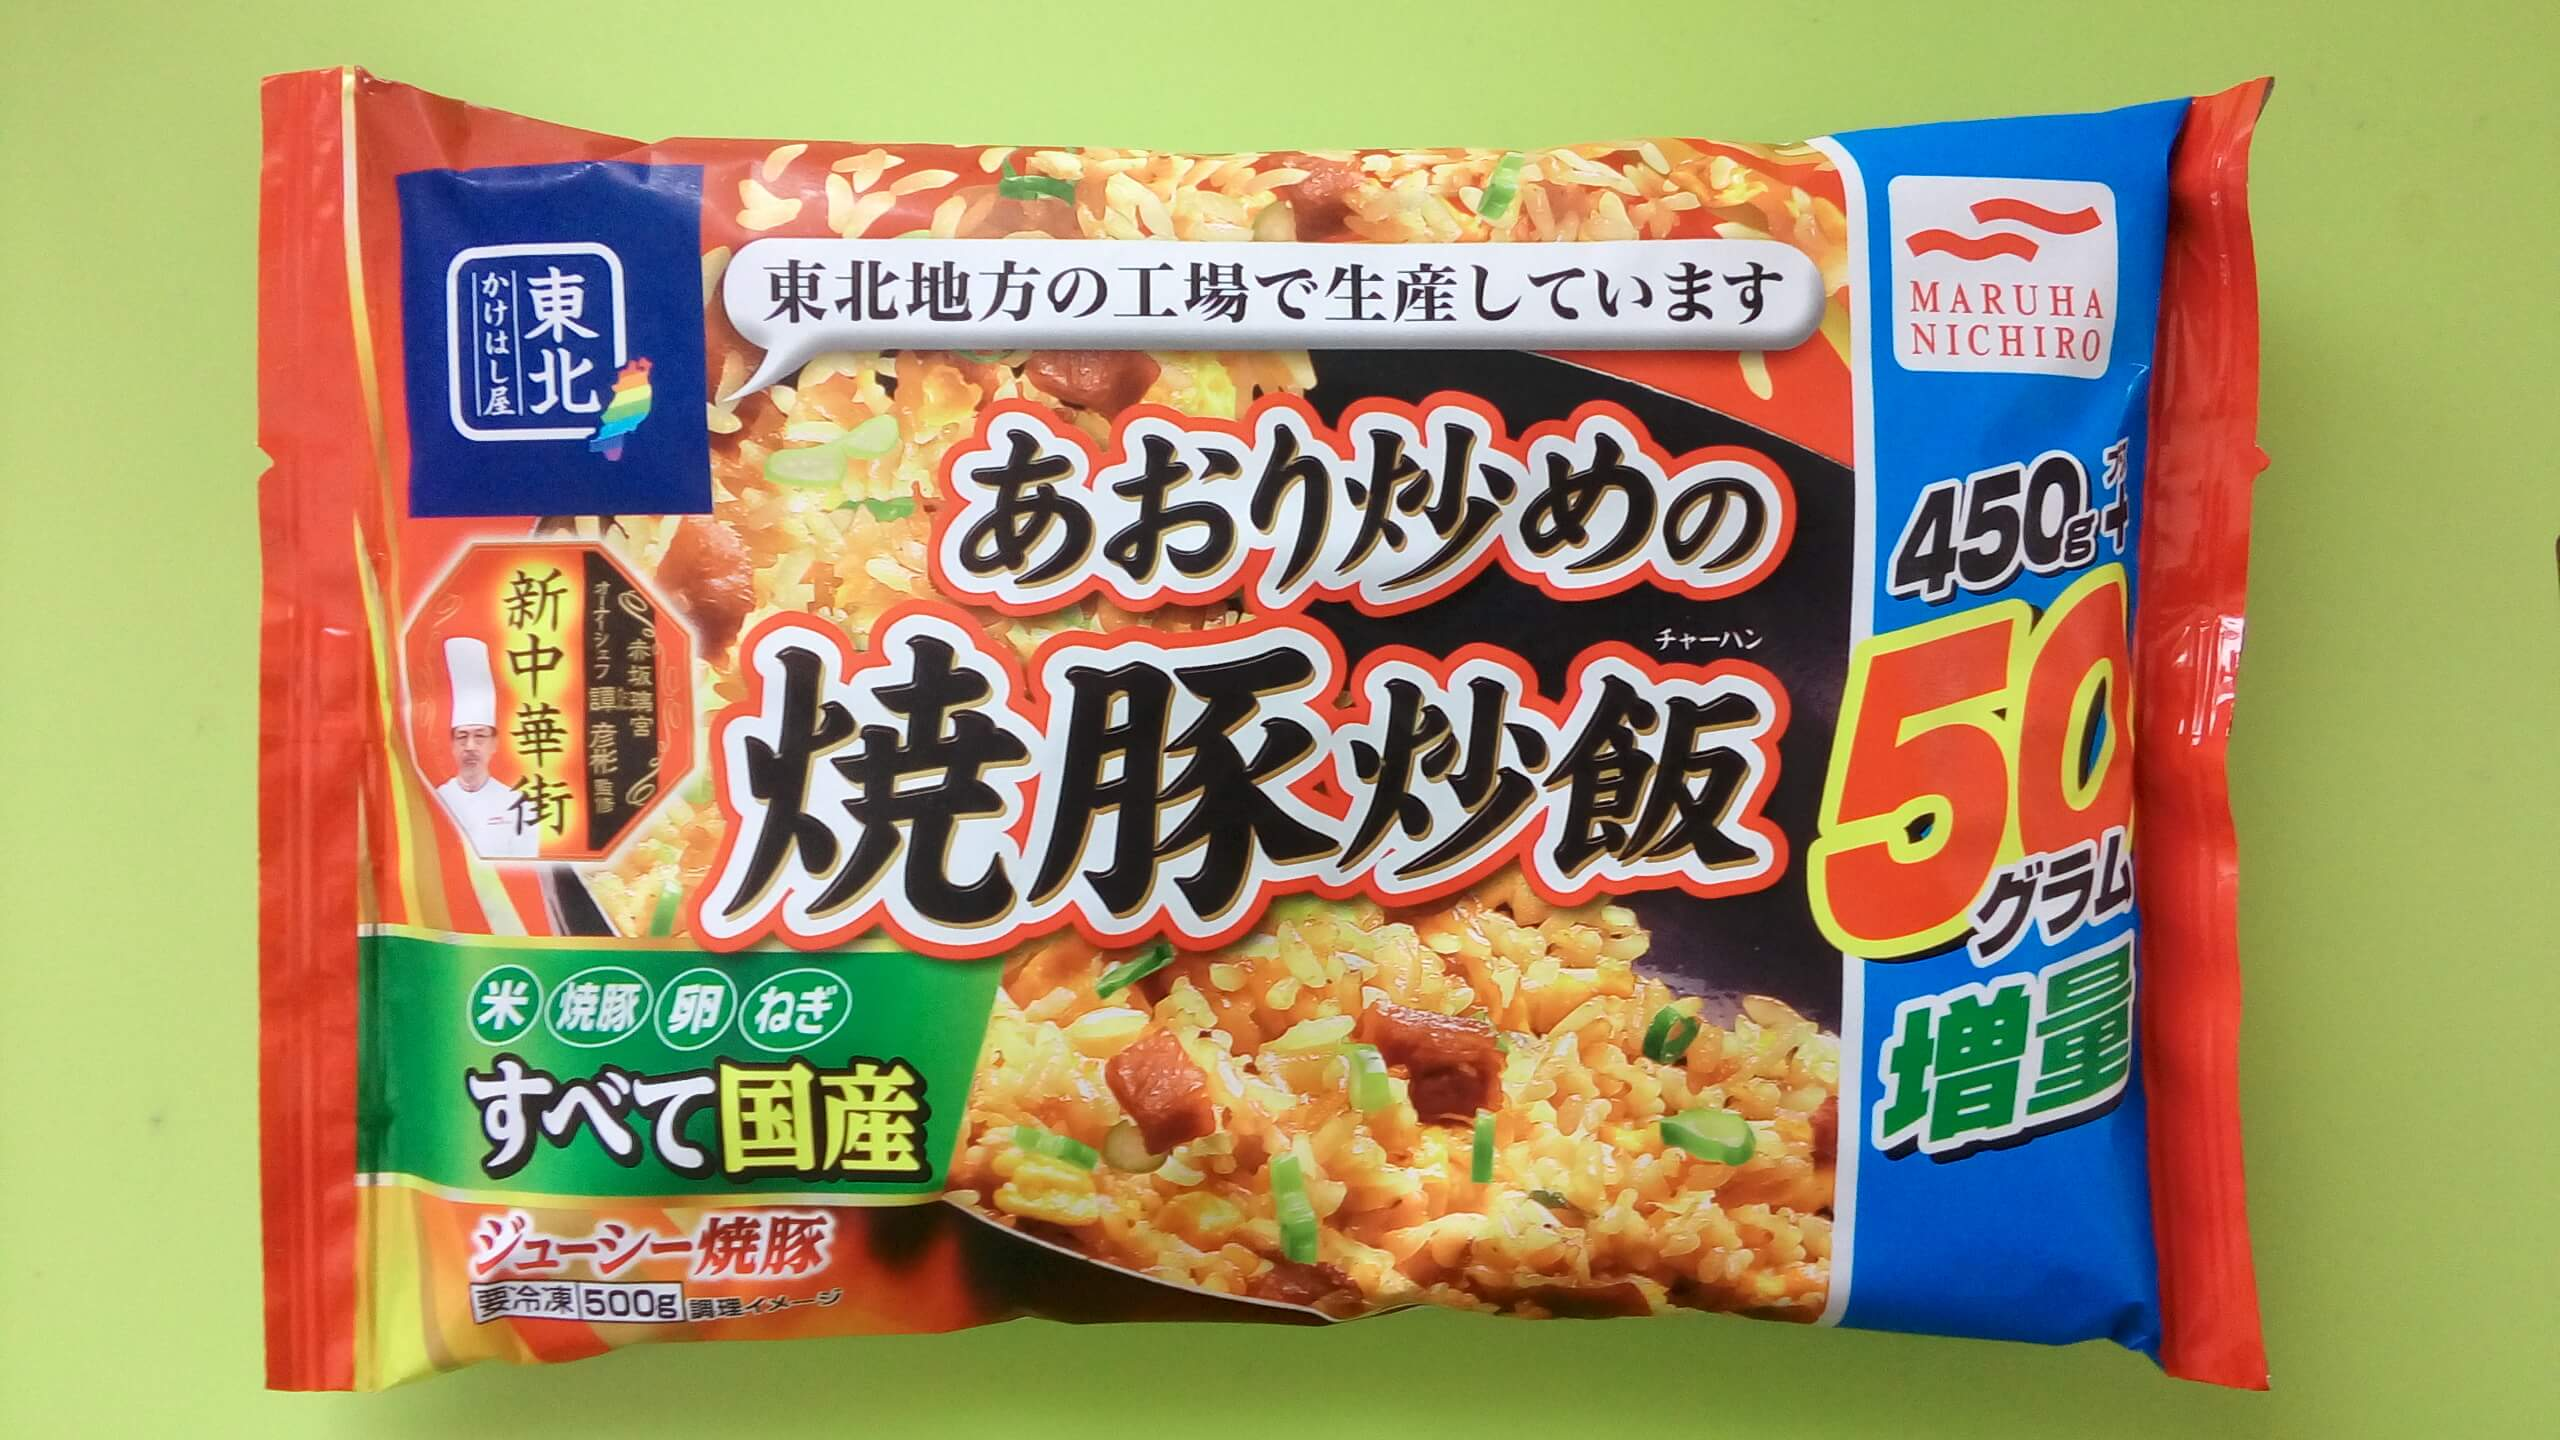 マルハニチロ あおり炒め焼豚炒飯